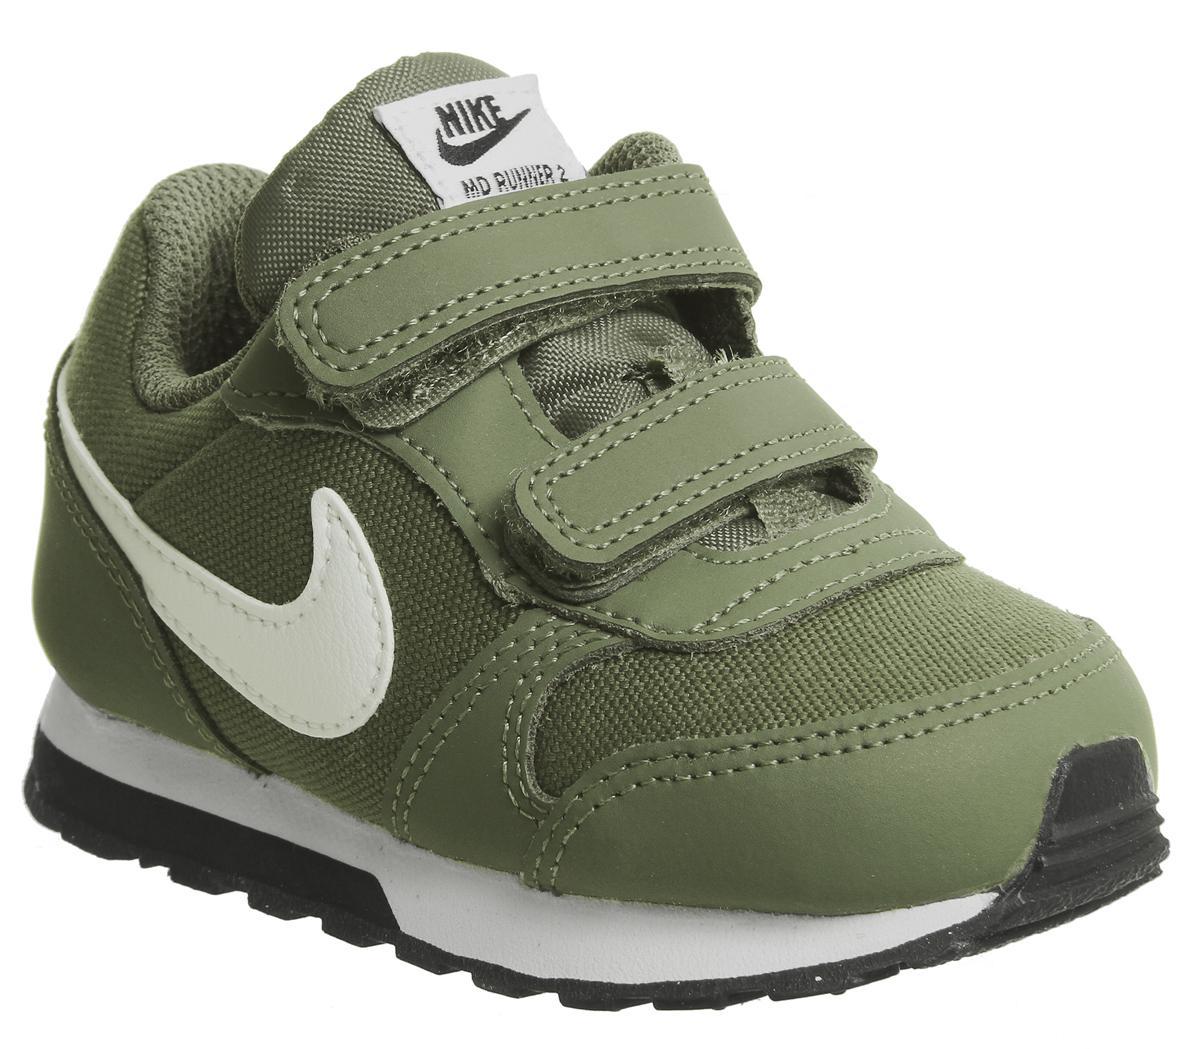 Nike Md Runner Infant Medium Olive